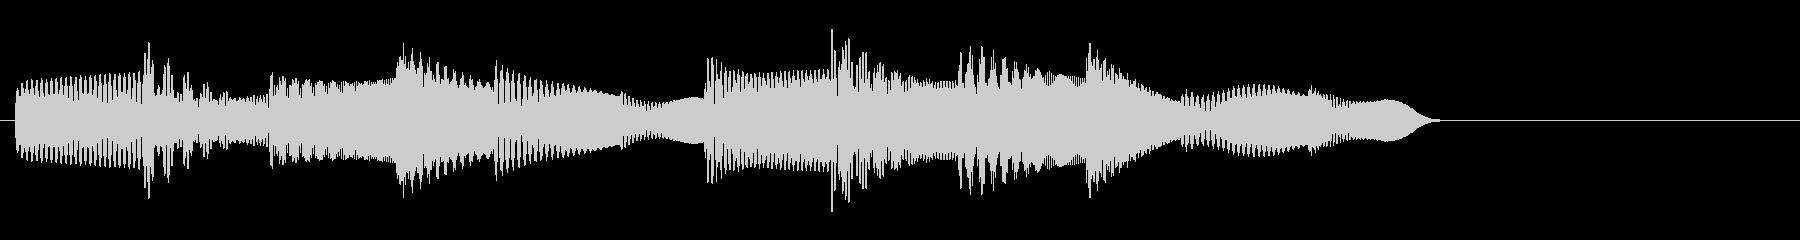 KANTアイキャッチソフト電子音2の未再生の波形